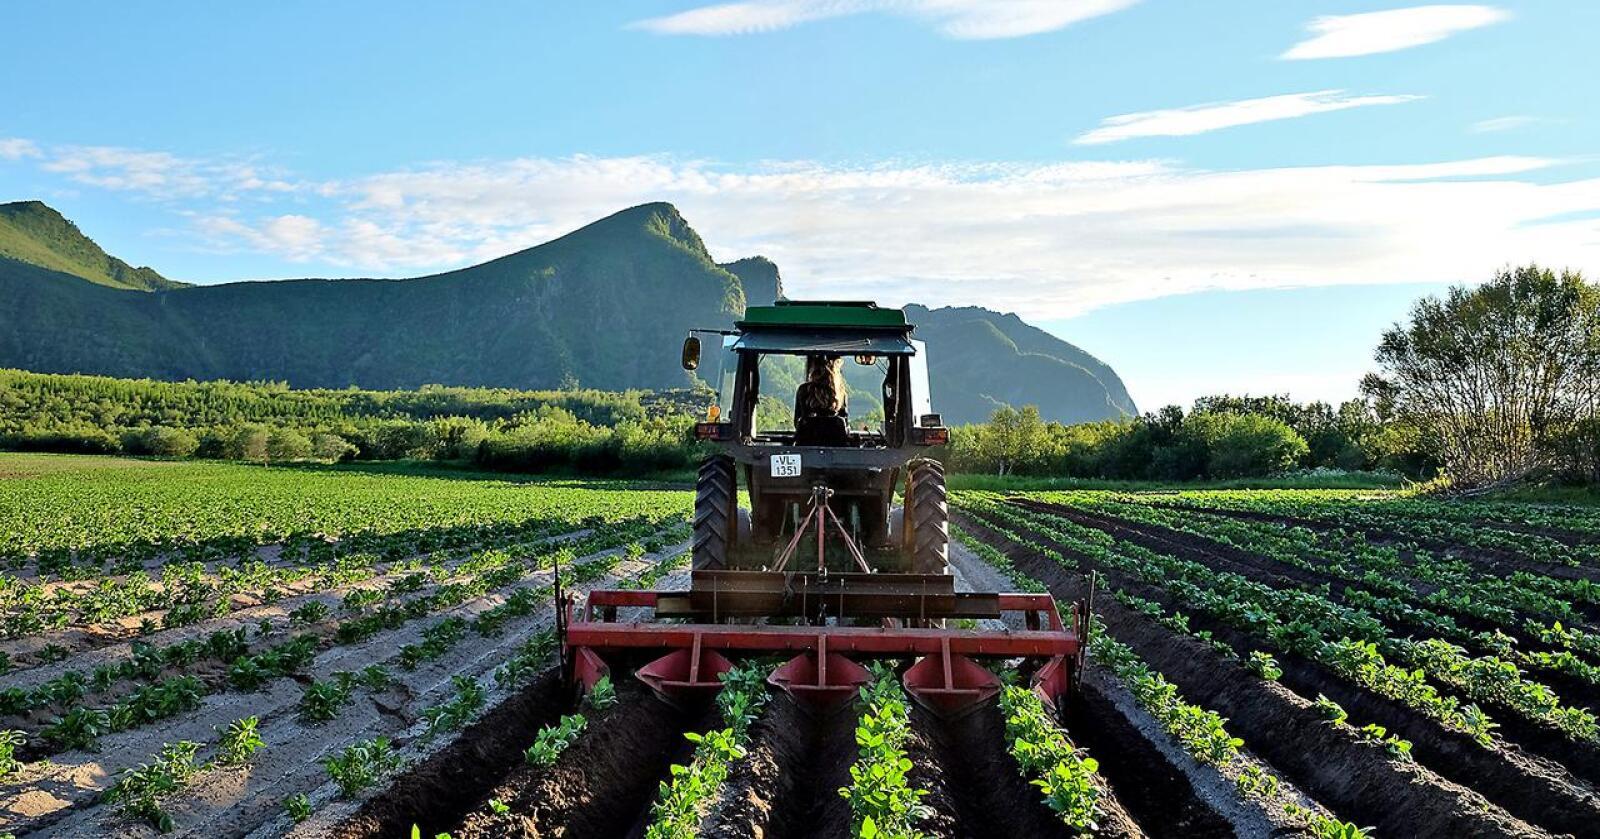 Leie av jord til potetproduksjon går kraftig tilbake på jordleiestatistikken. Bildet er fra Engleøya i Nordland. (Arkivfoto)